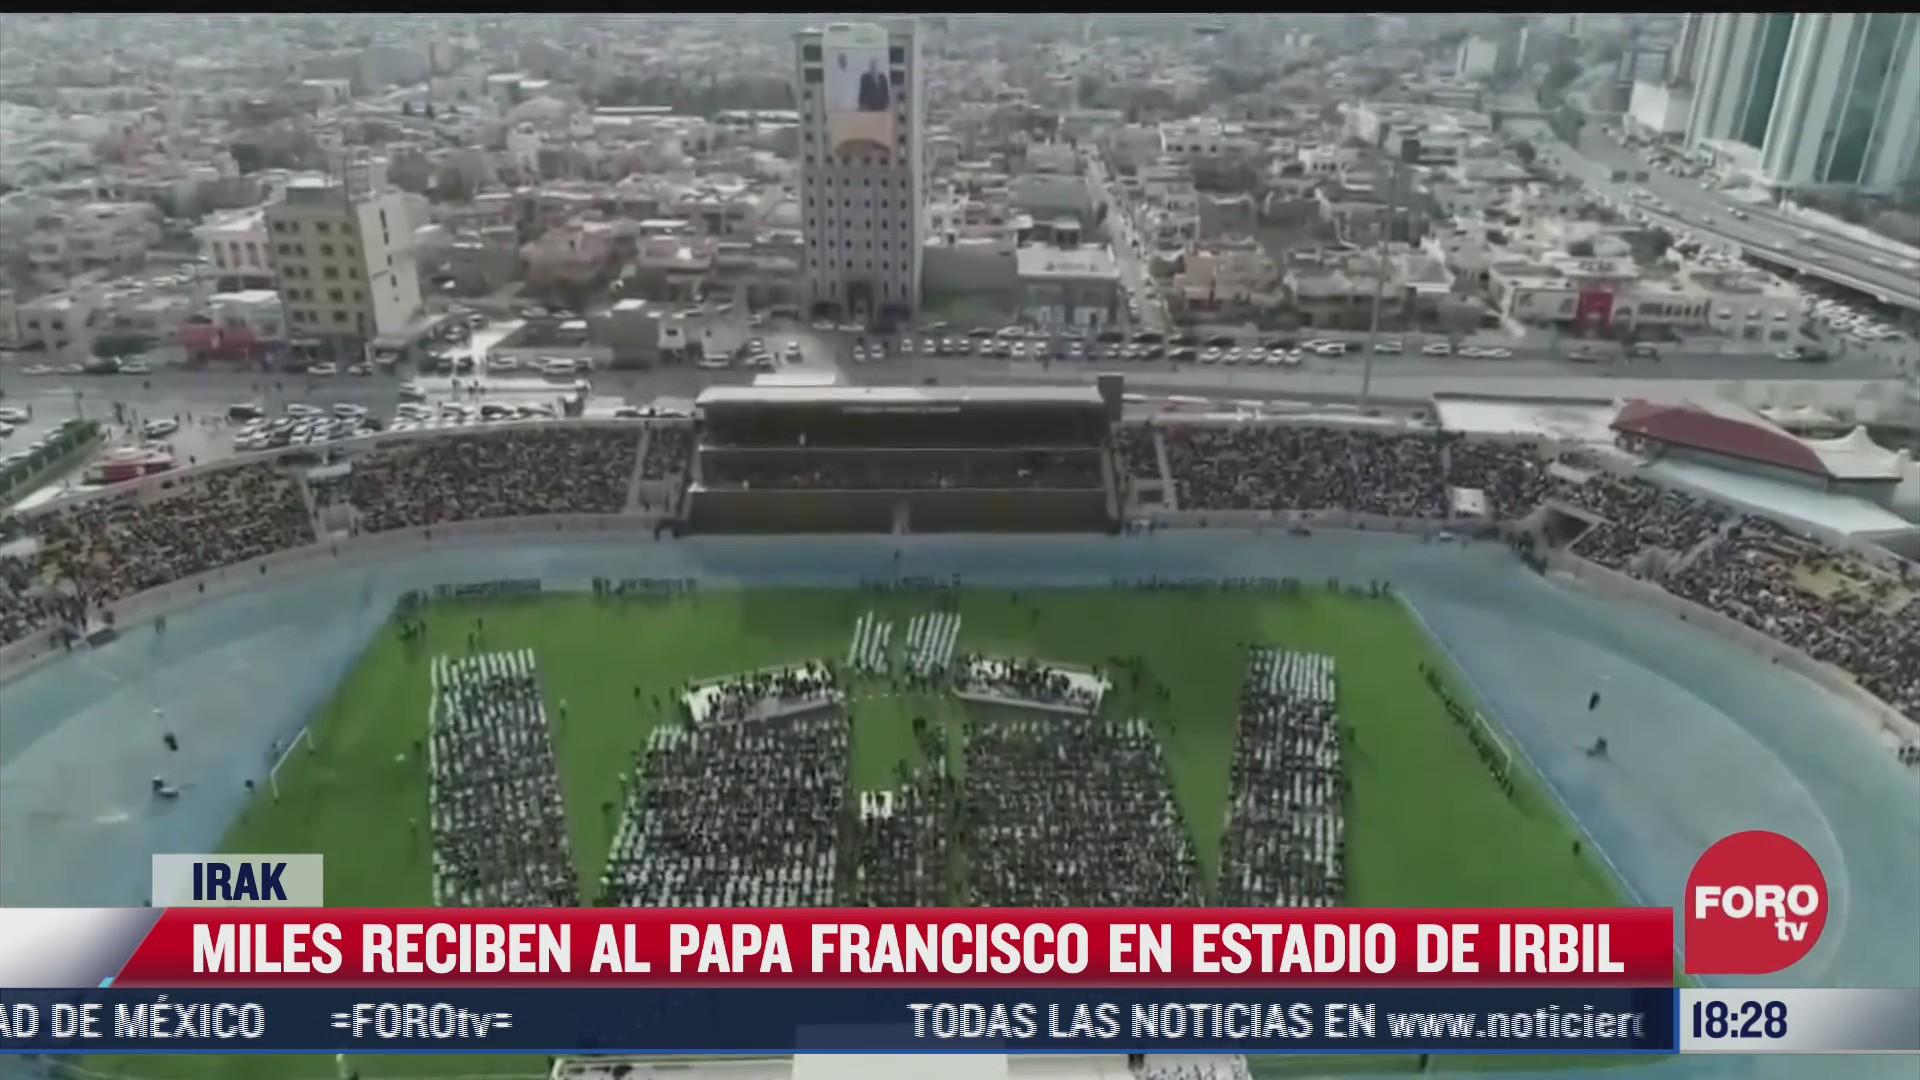 miles reciben al papa francisco en estadio de erbil en irak